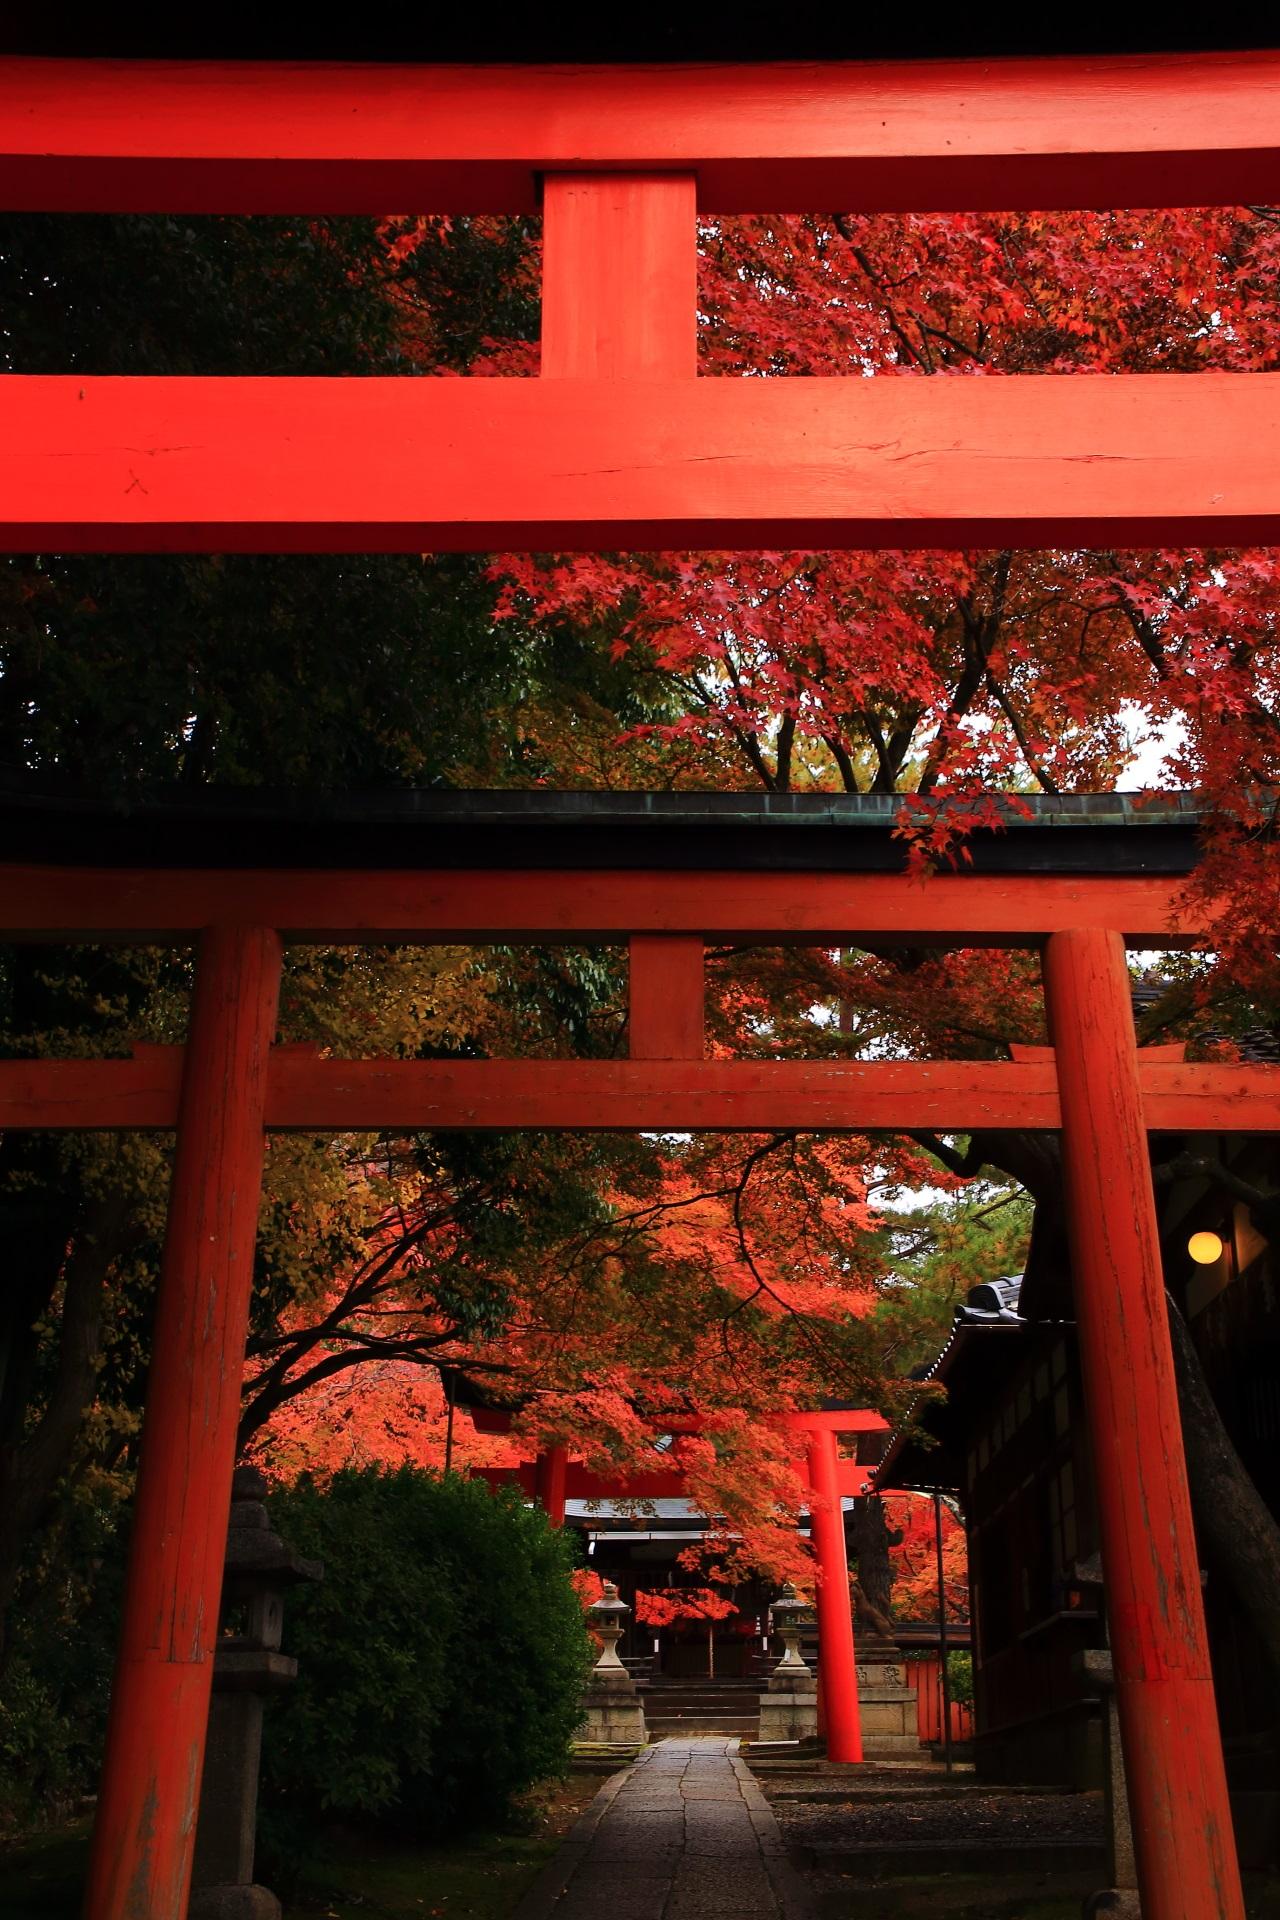 静寂と風情の感じられる紅葉の隠れた名所の竹中稲荷神社